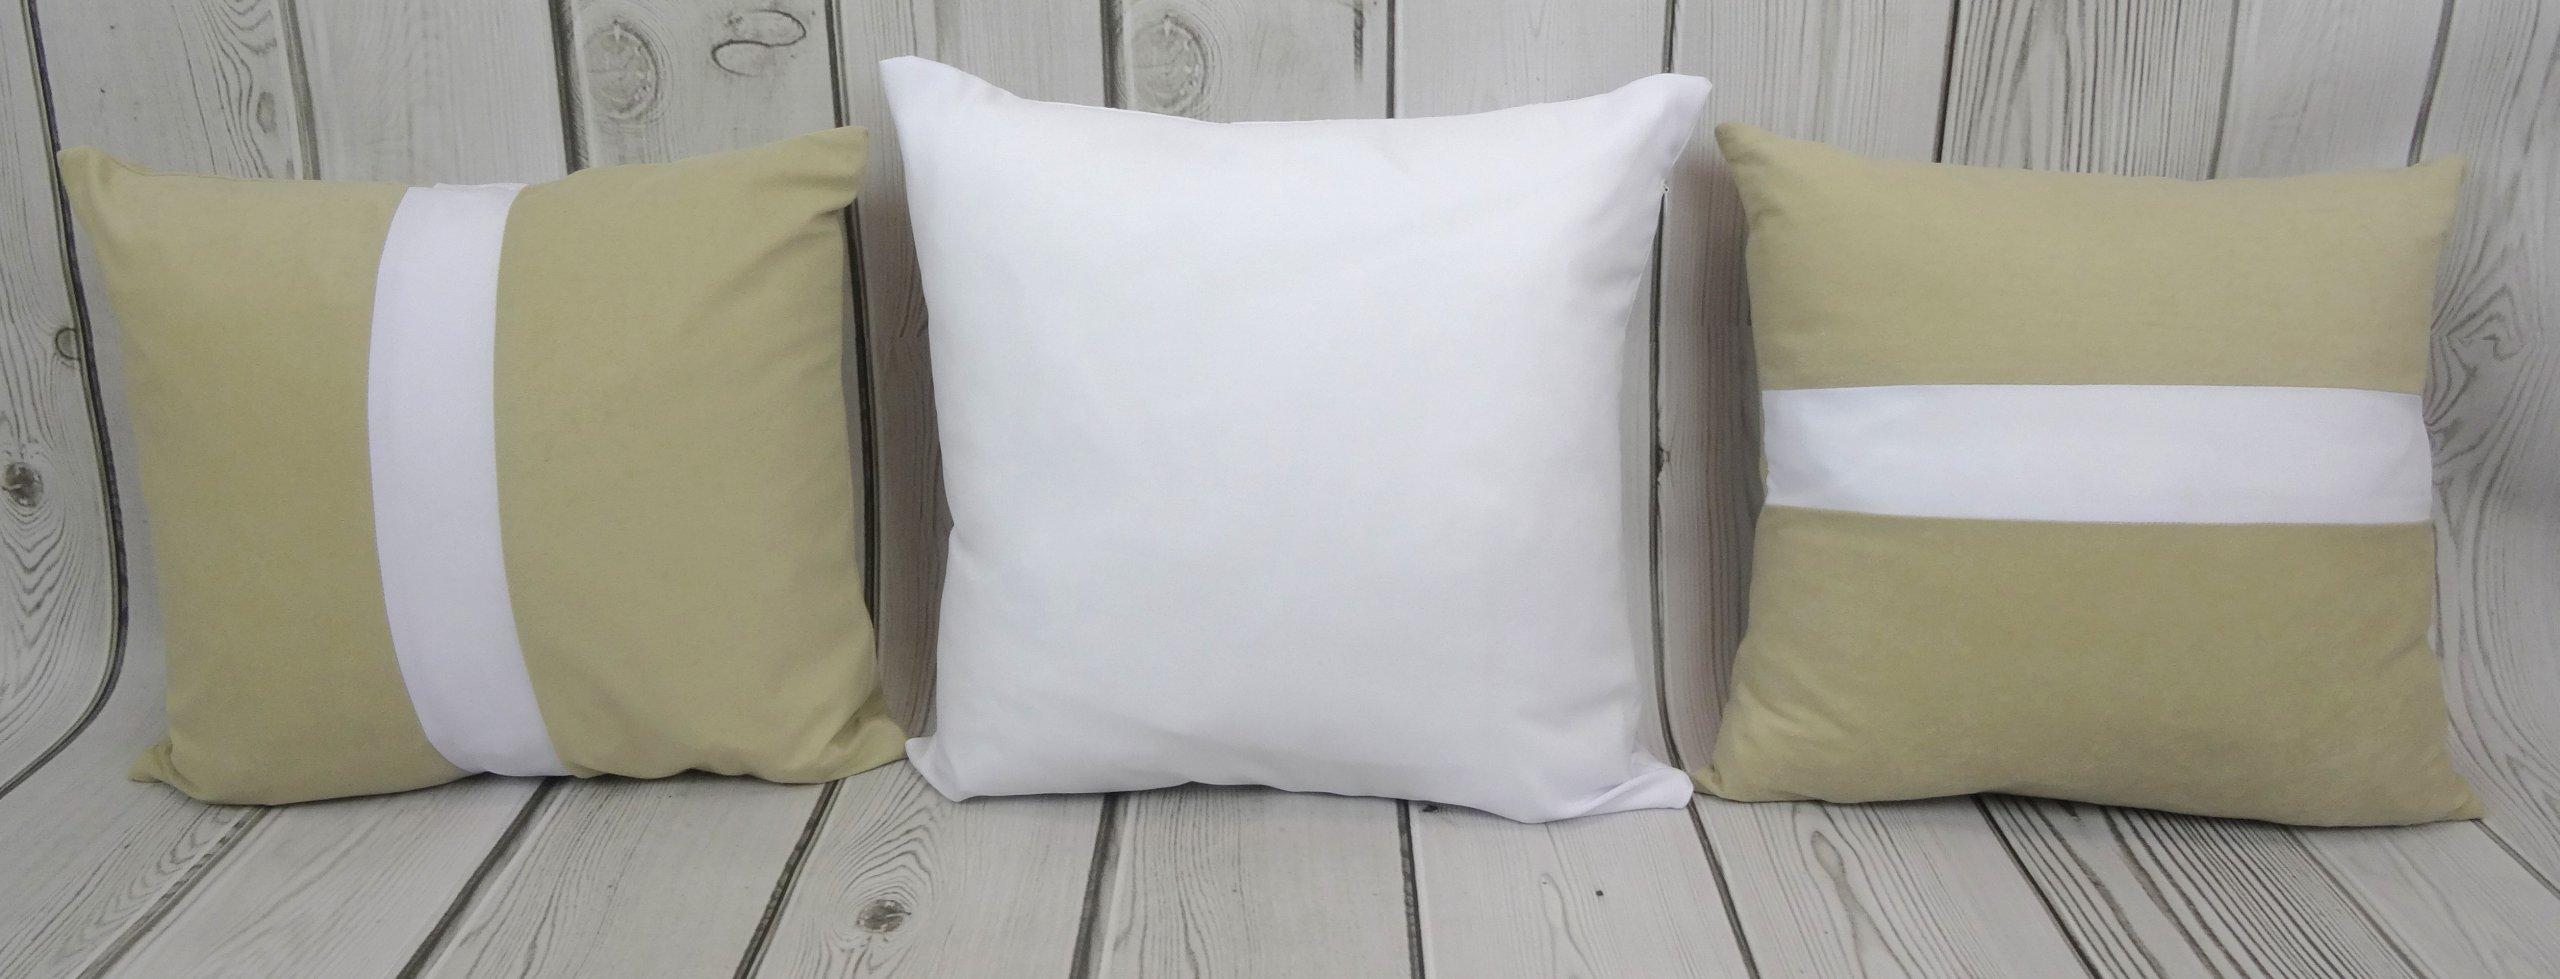 Poduszki Dekoracyjne Beżowo Białe 6994419188 Oficjalne